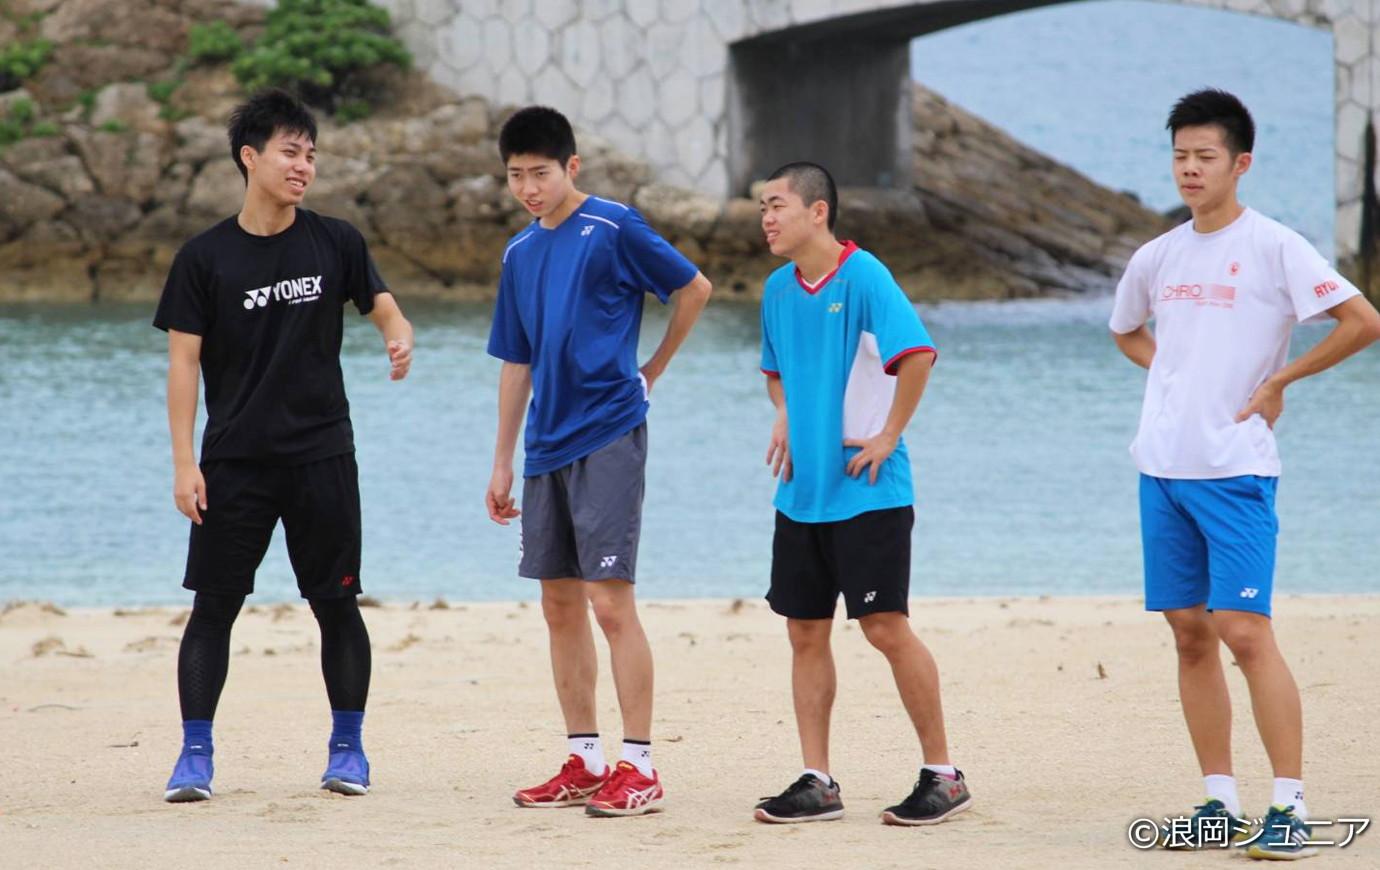 砂浜トレーニングの様子③